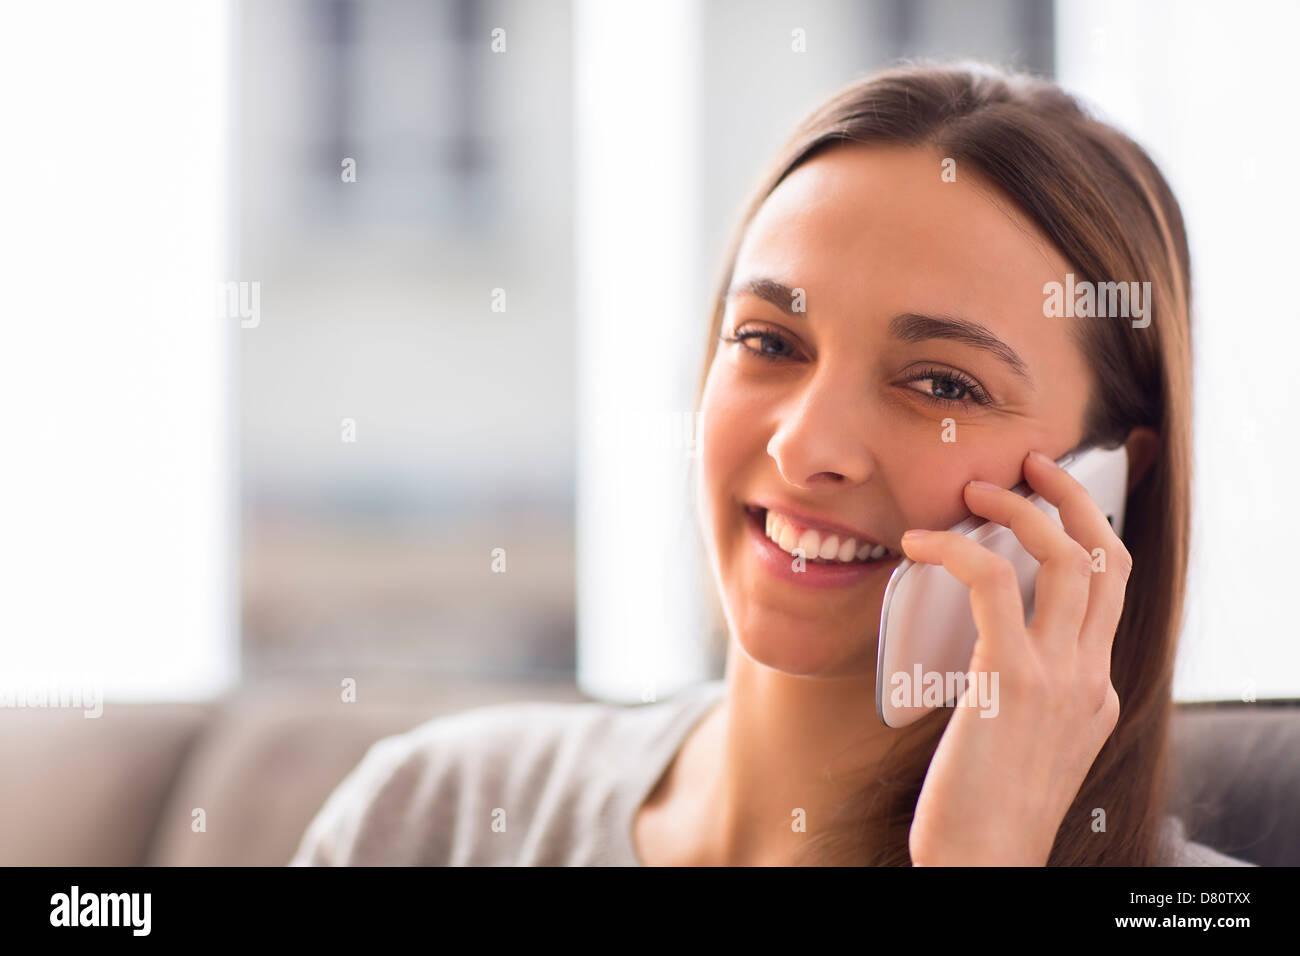 Bastante joven con blanco teléfono inteligente en su casa mirando la cámara Imagen De Stock